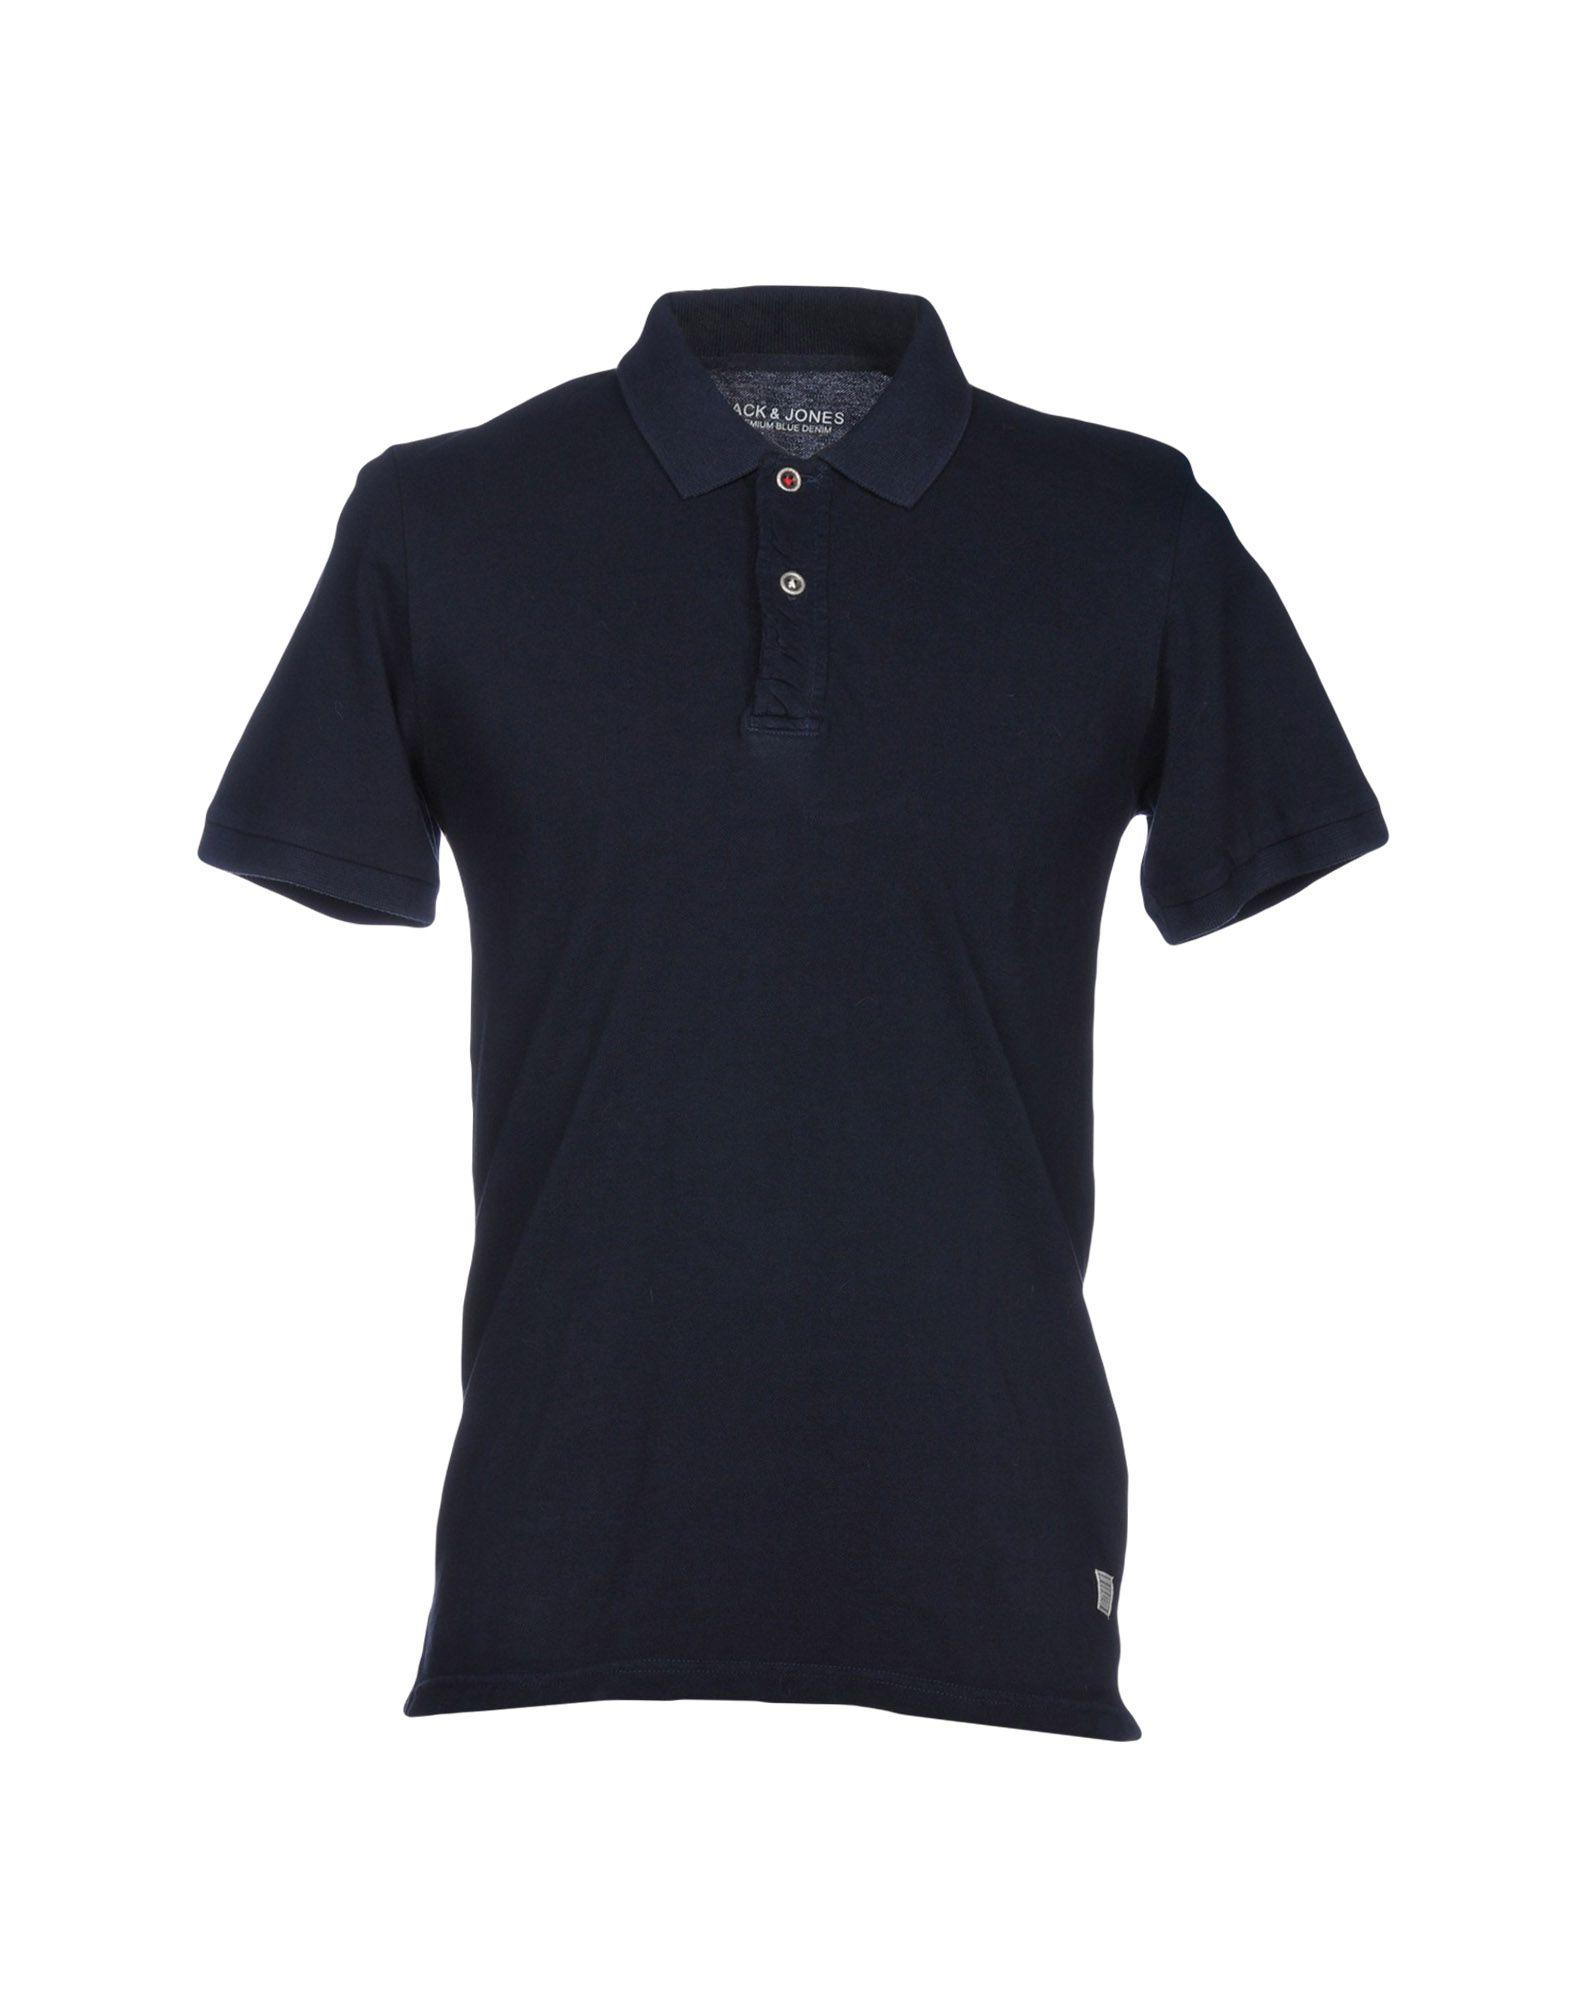 《送料無料》JACK & JONES PREMIUM メンズ ポロシャツ ダークブルー S 100% コットン